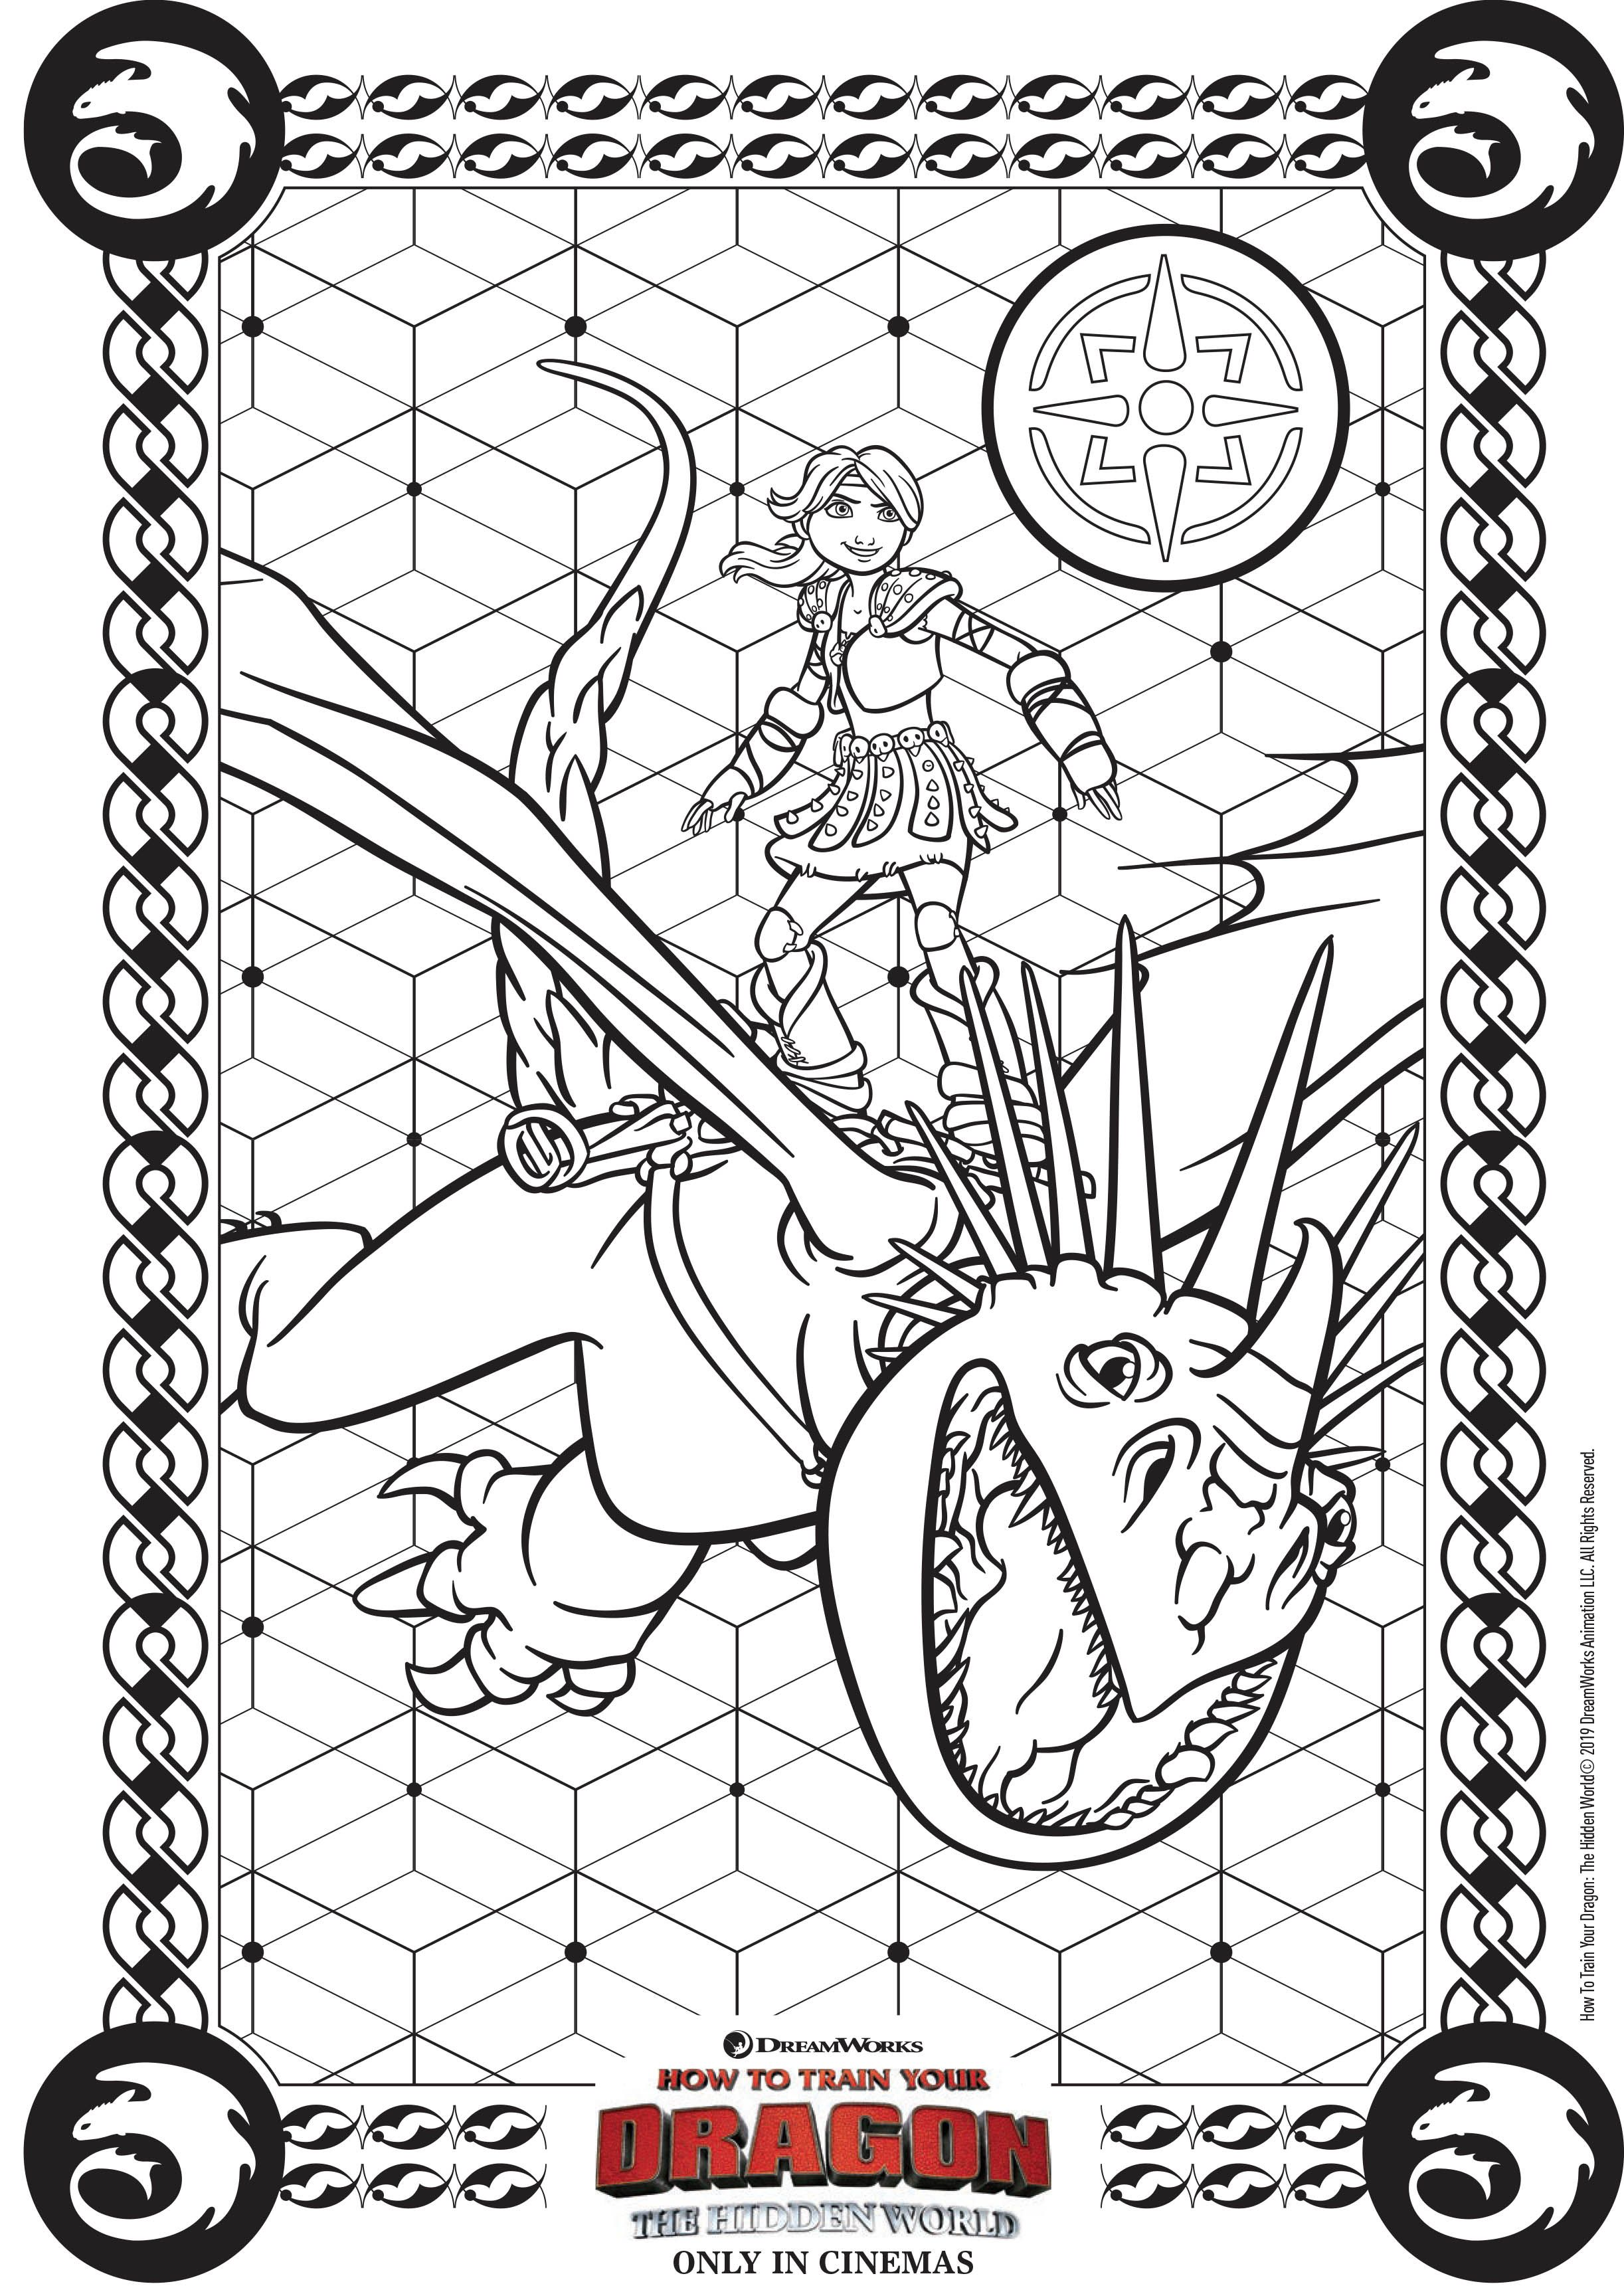 Coloriage Dragon 3 A Imprimer : coloriage, dragon, imprimer, Aidez, Astrid, Voler, Encore, Quelques, Couleurs, Partir, Galerie, Dragons, Coloriage, Dragon,, Coloriage,, Enfant